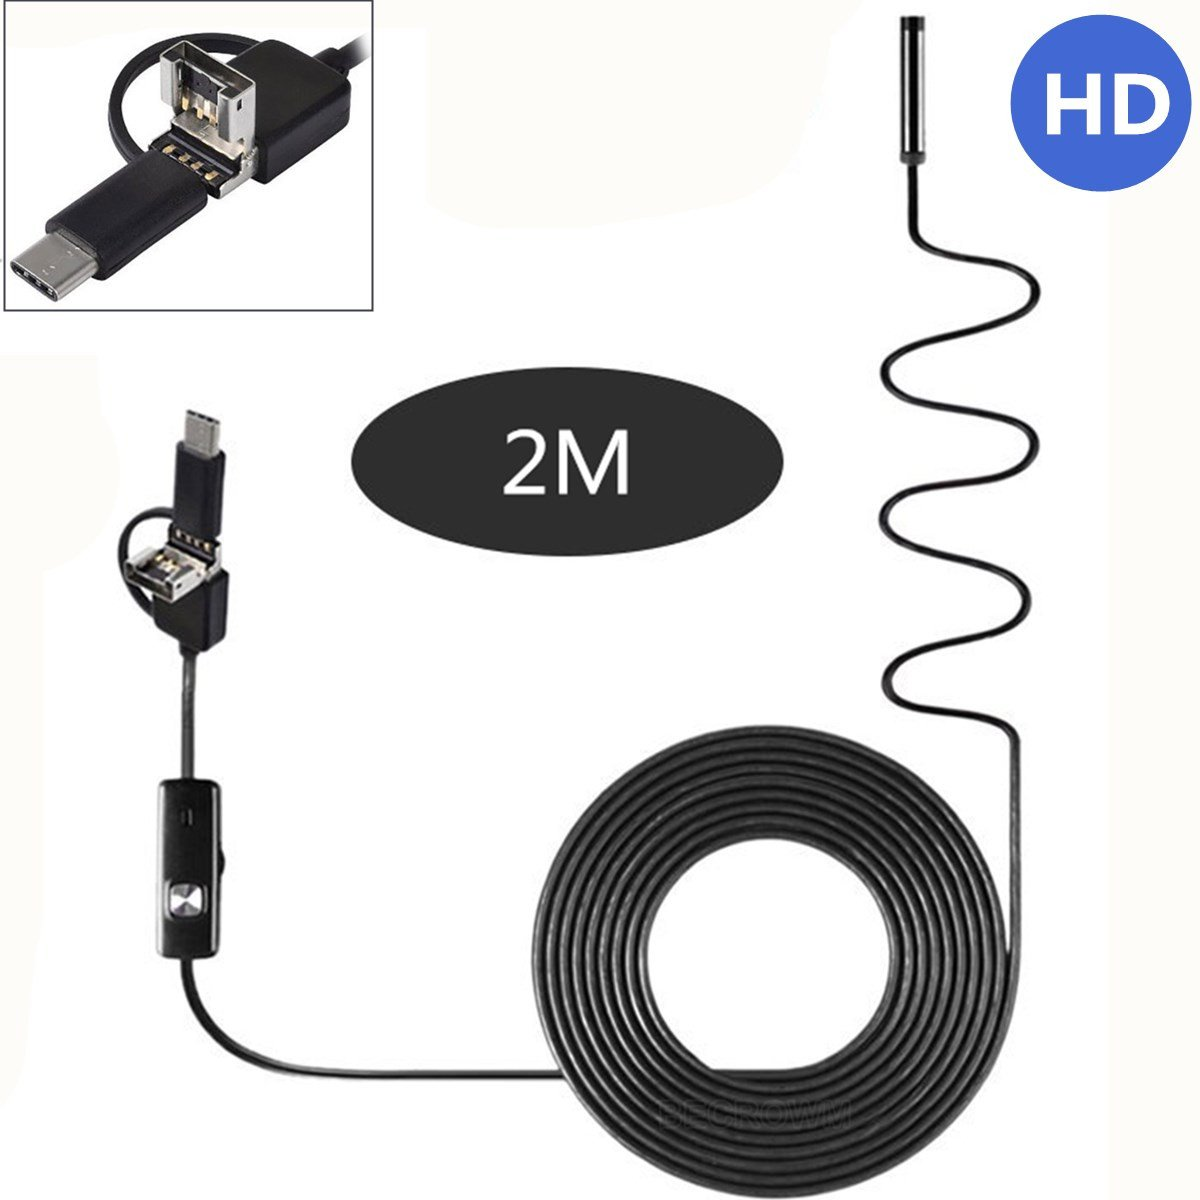 Becrowmeu tipo C/USB/Micro USB Periscopio dell' endoscopio per Android 1200P HD camera IP67 impermeabile con micro USB adattatore BECROWM EU Camera-YS0104